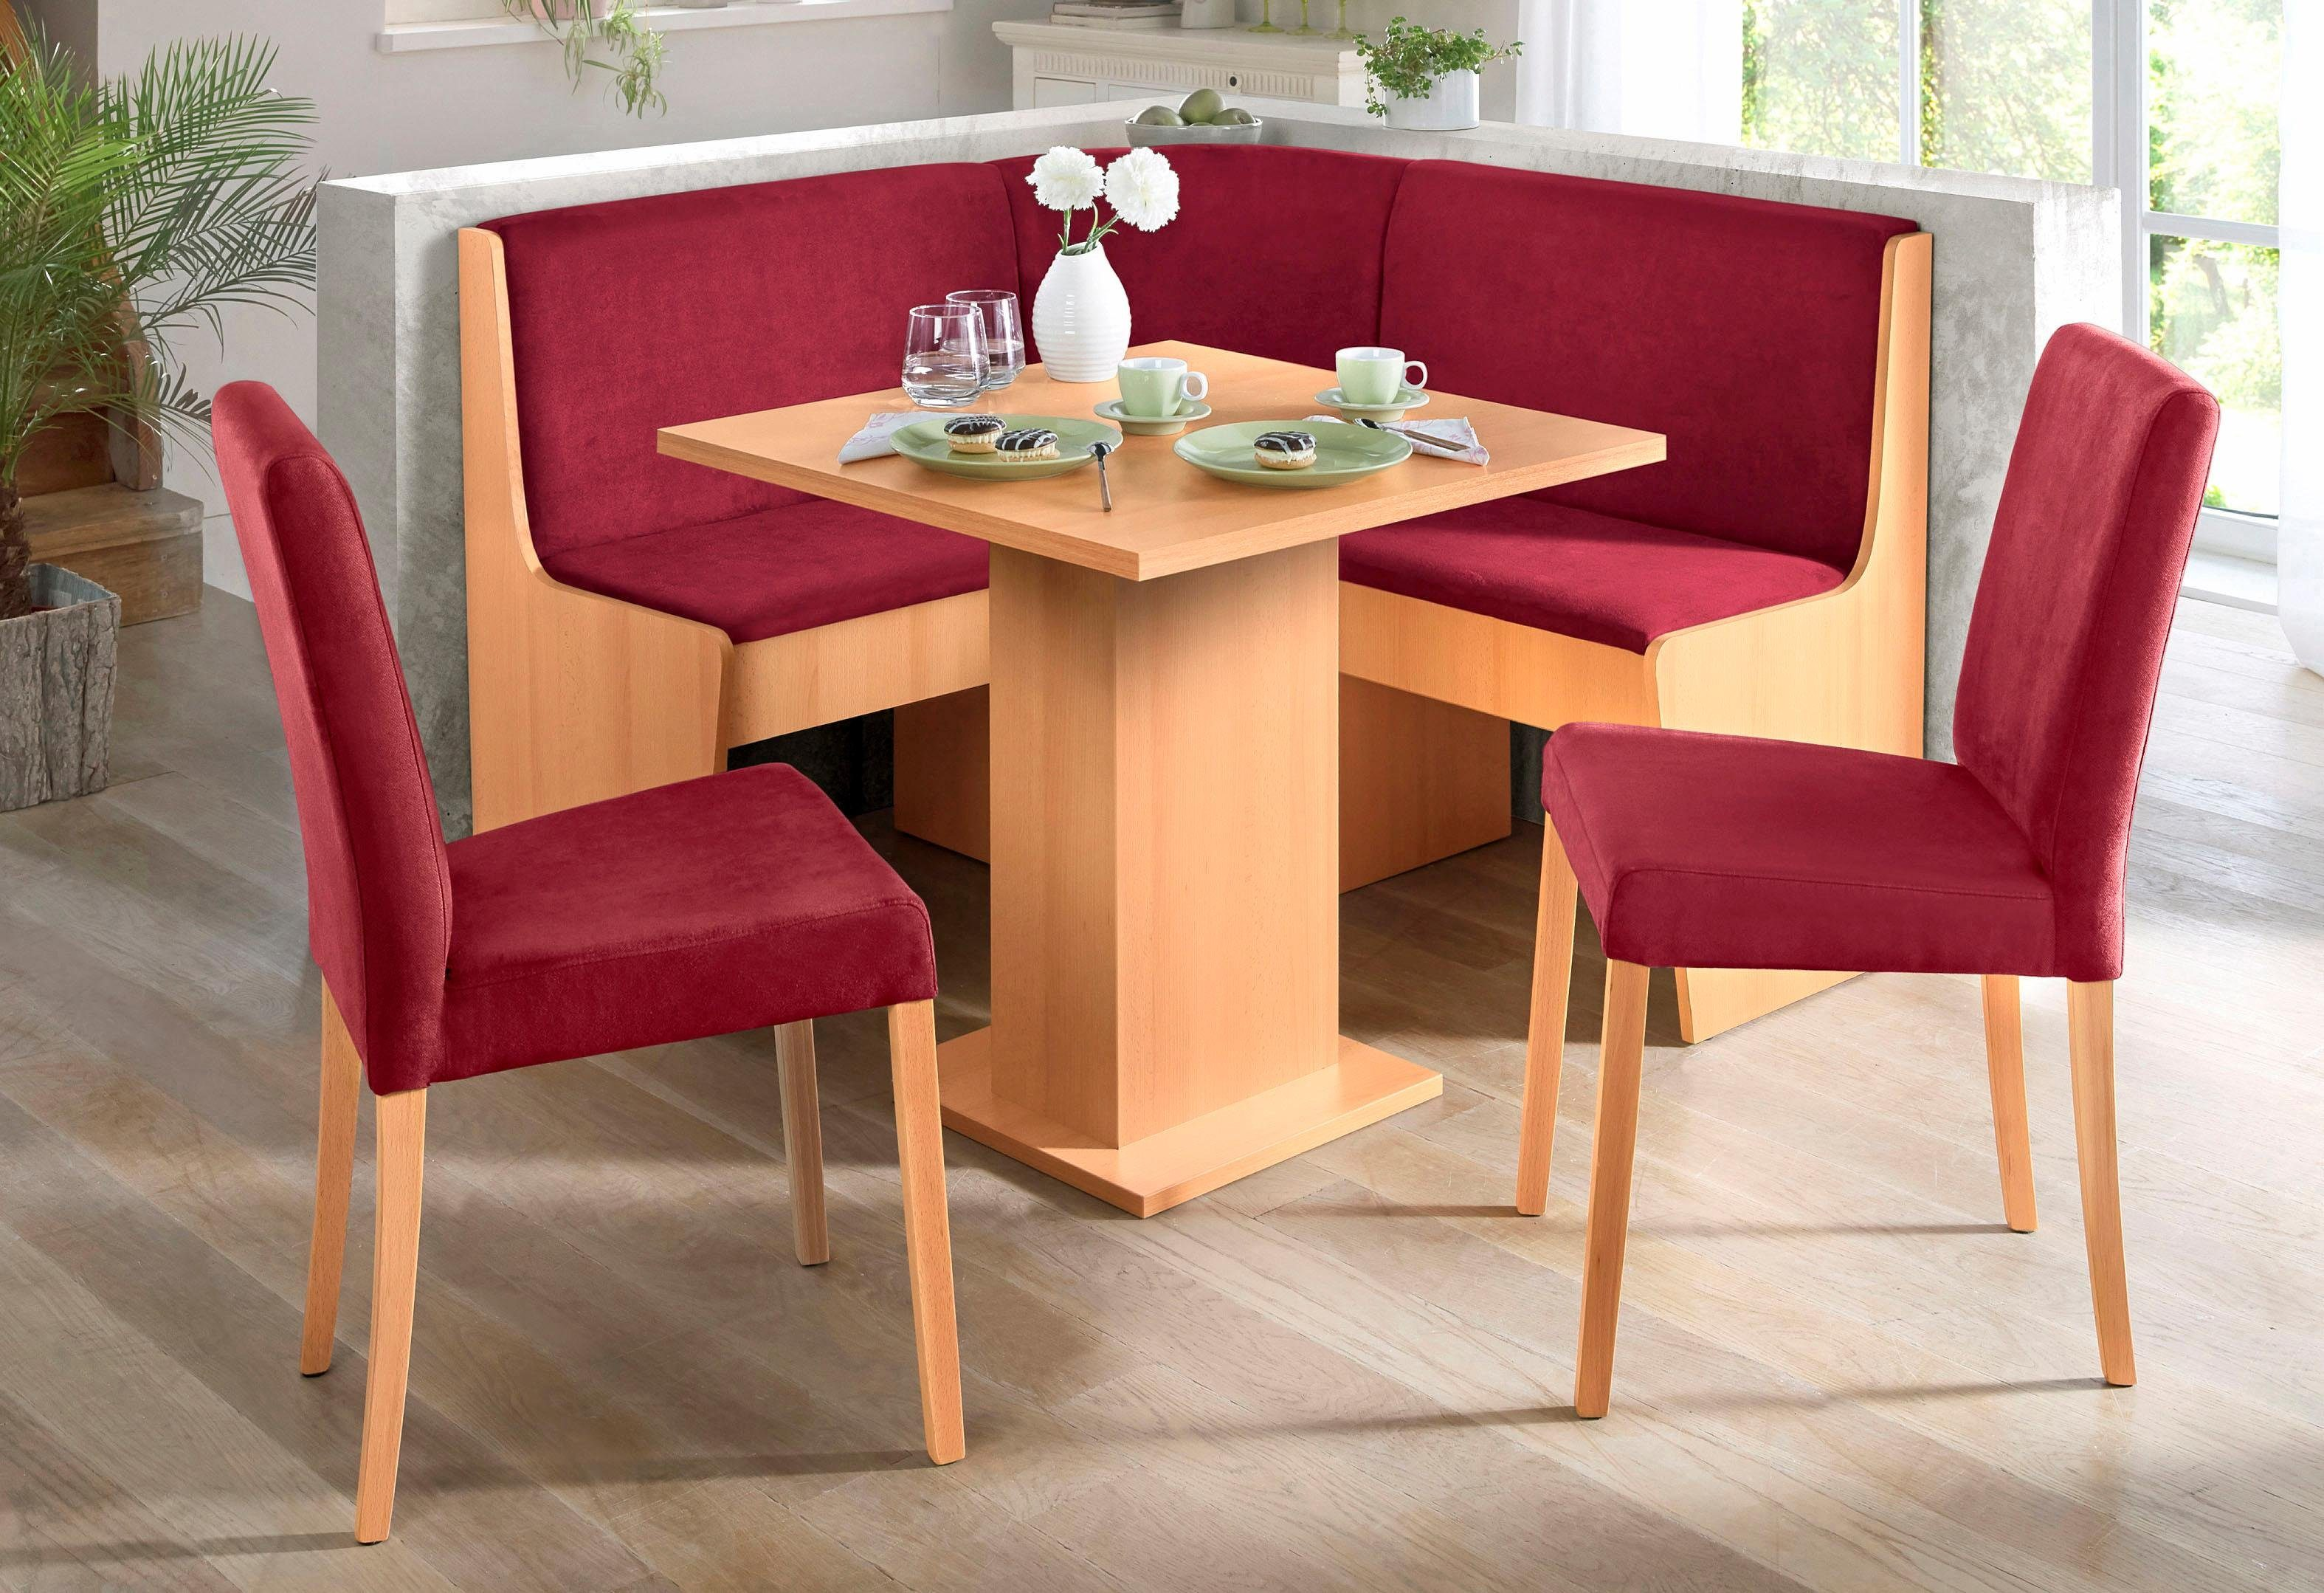 Sitzgruppe Küche Mit Eckbank  Zeitlose Eckbank Tischgruppe In